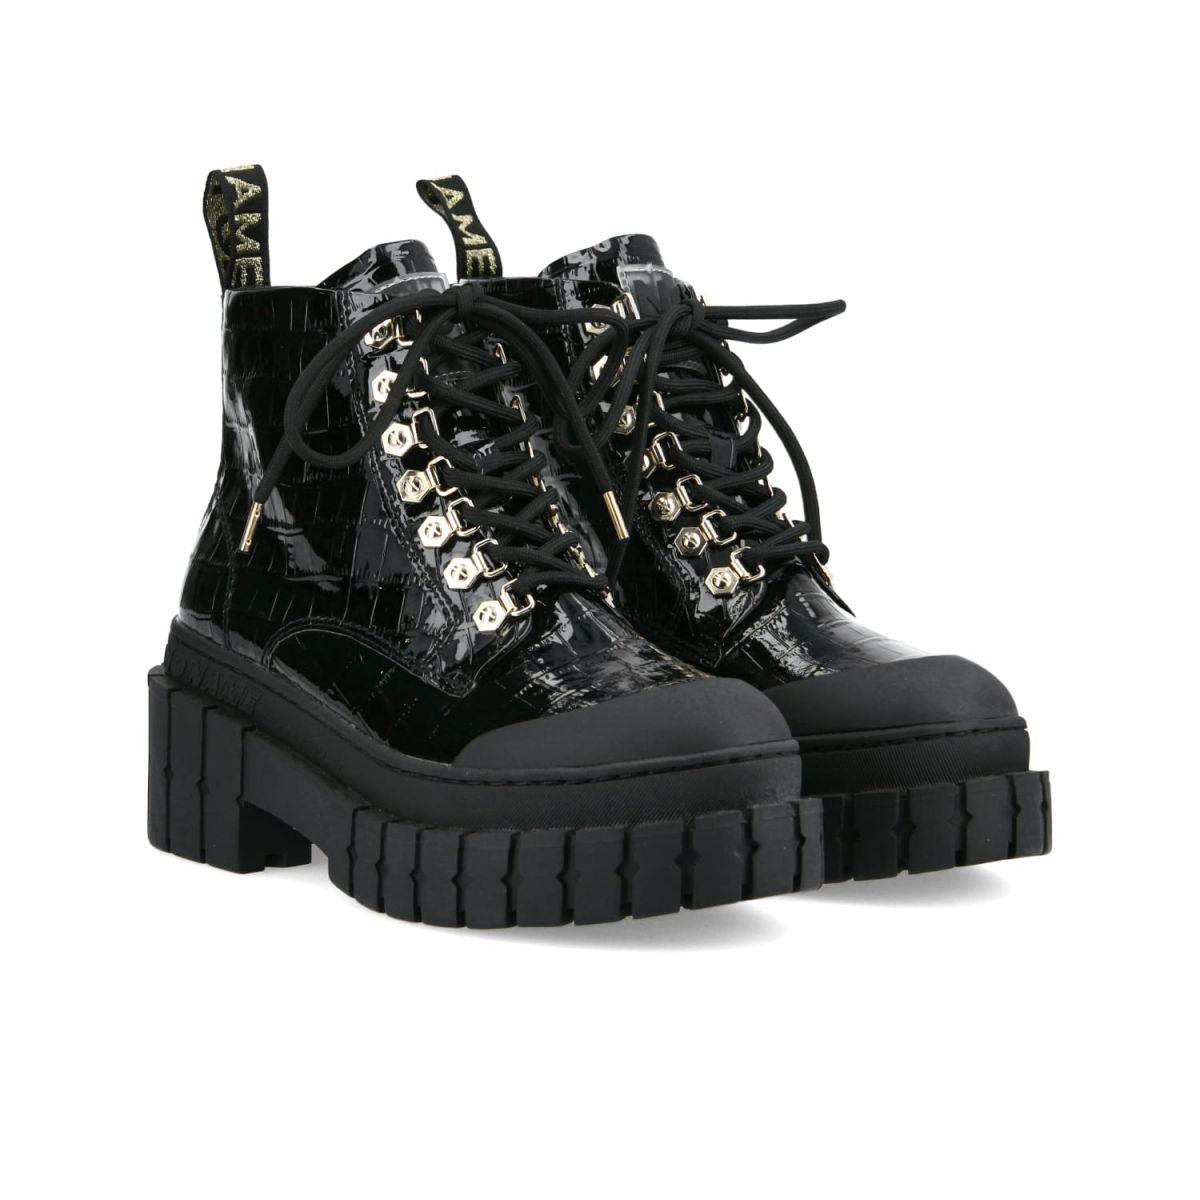 Bottines Kross Low Boots en similicuir embossé croco et semelle crantée de 7,5 cm, No Name, 159€.